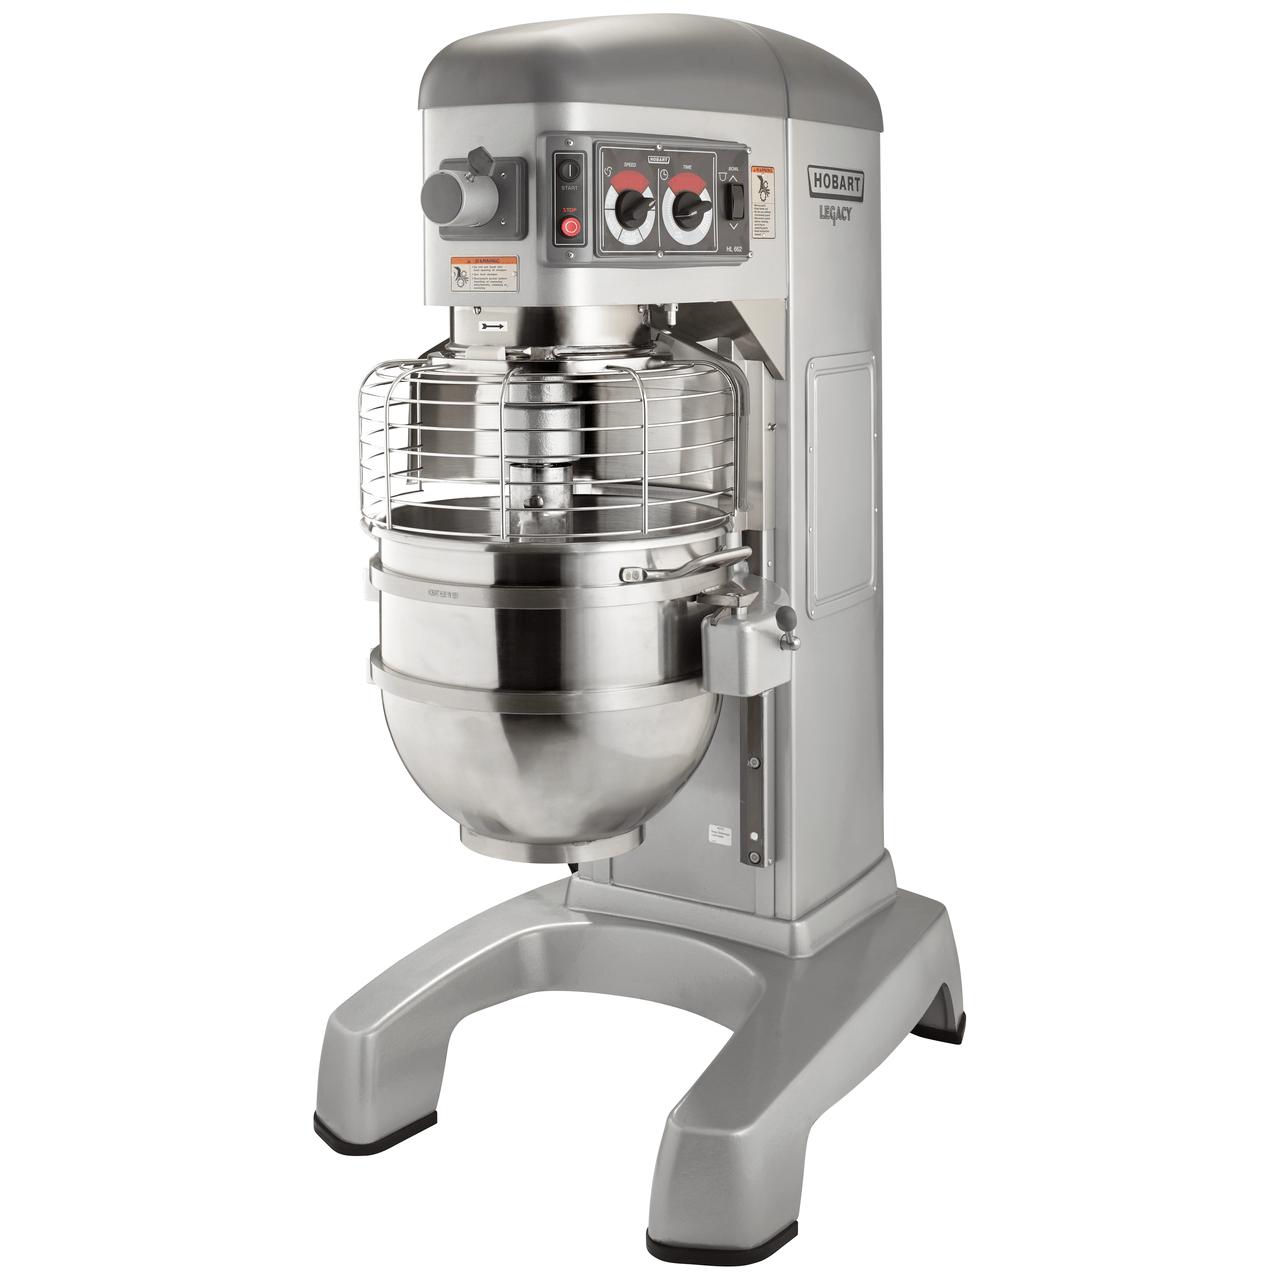 pizza dough mixer commercial pizza mixer hobartdough mixer wiring diagram 8 [ 1280 x 1280 Pixel ]